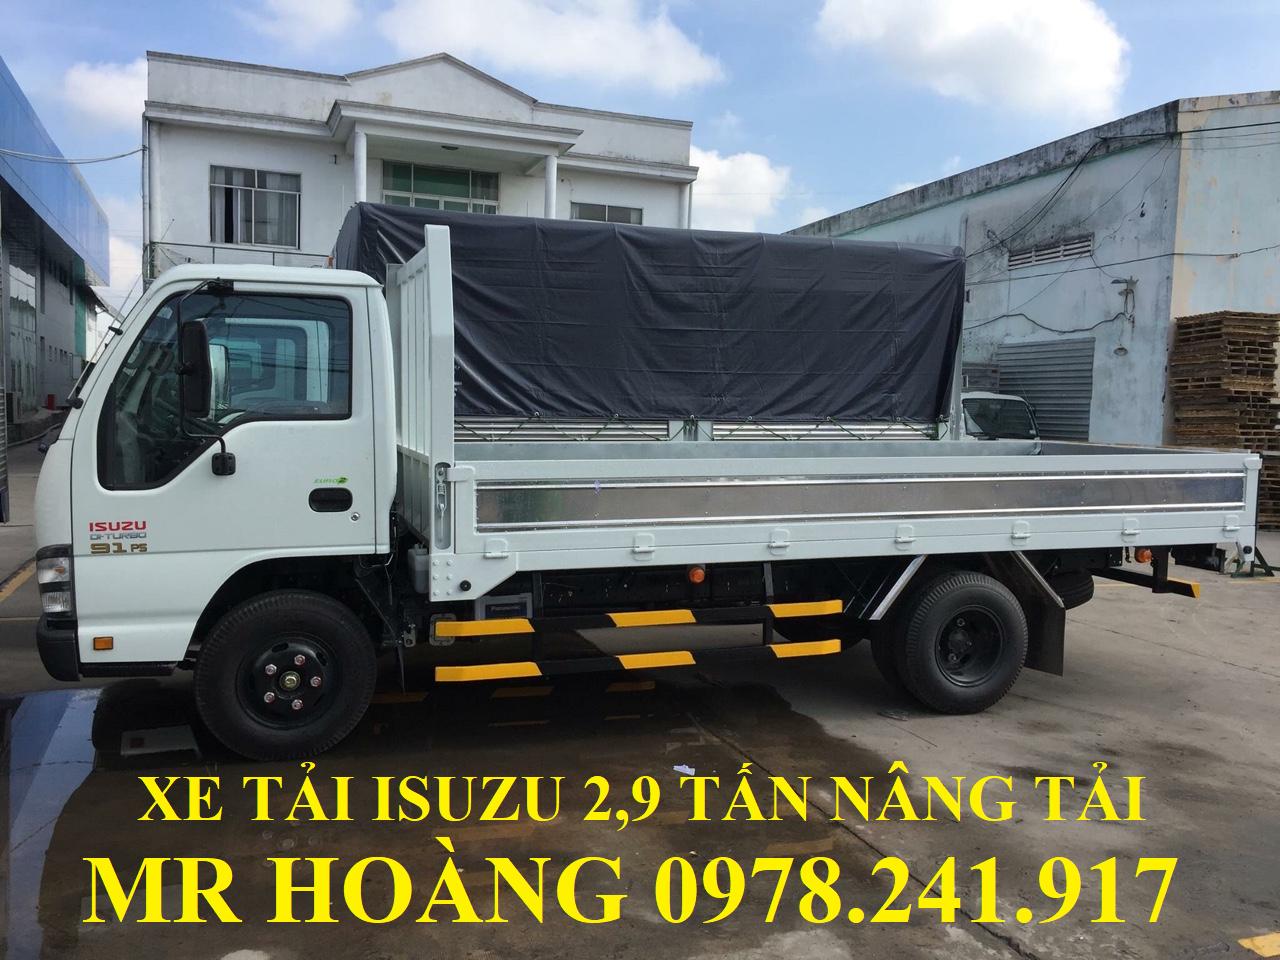 xe tải isuzu 2,9 tấn nâng tải qkr55h-16 thùng lửng